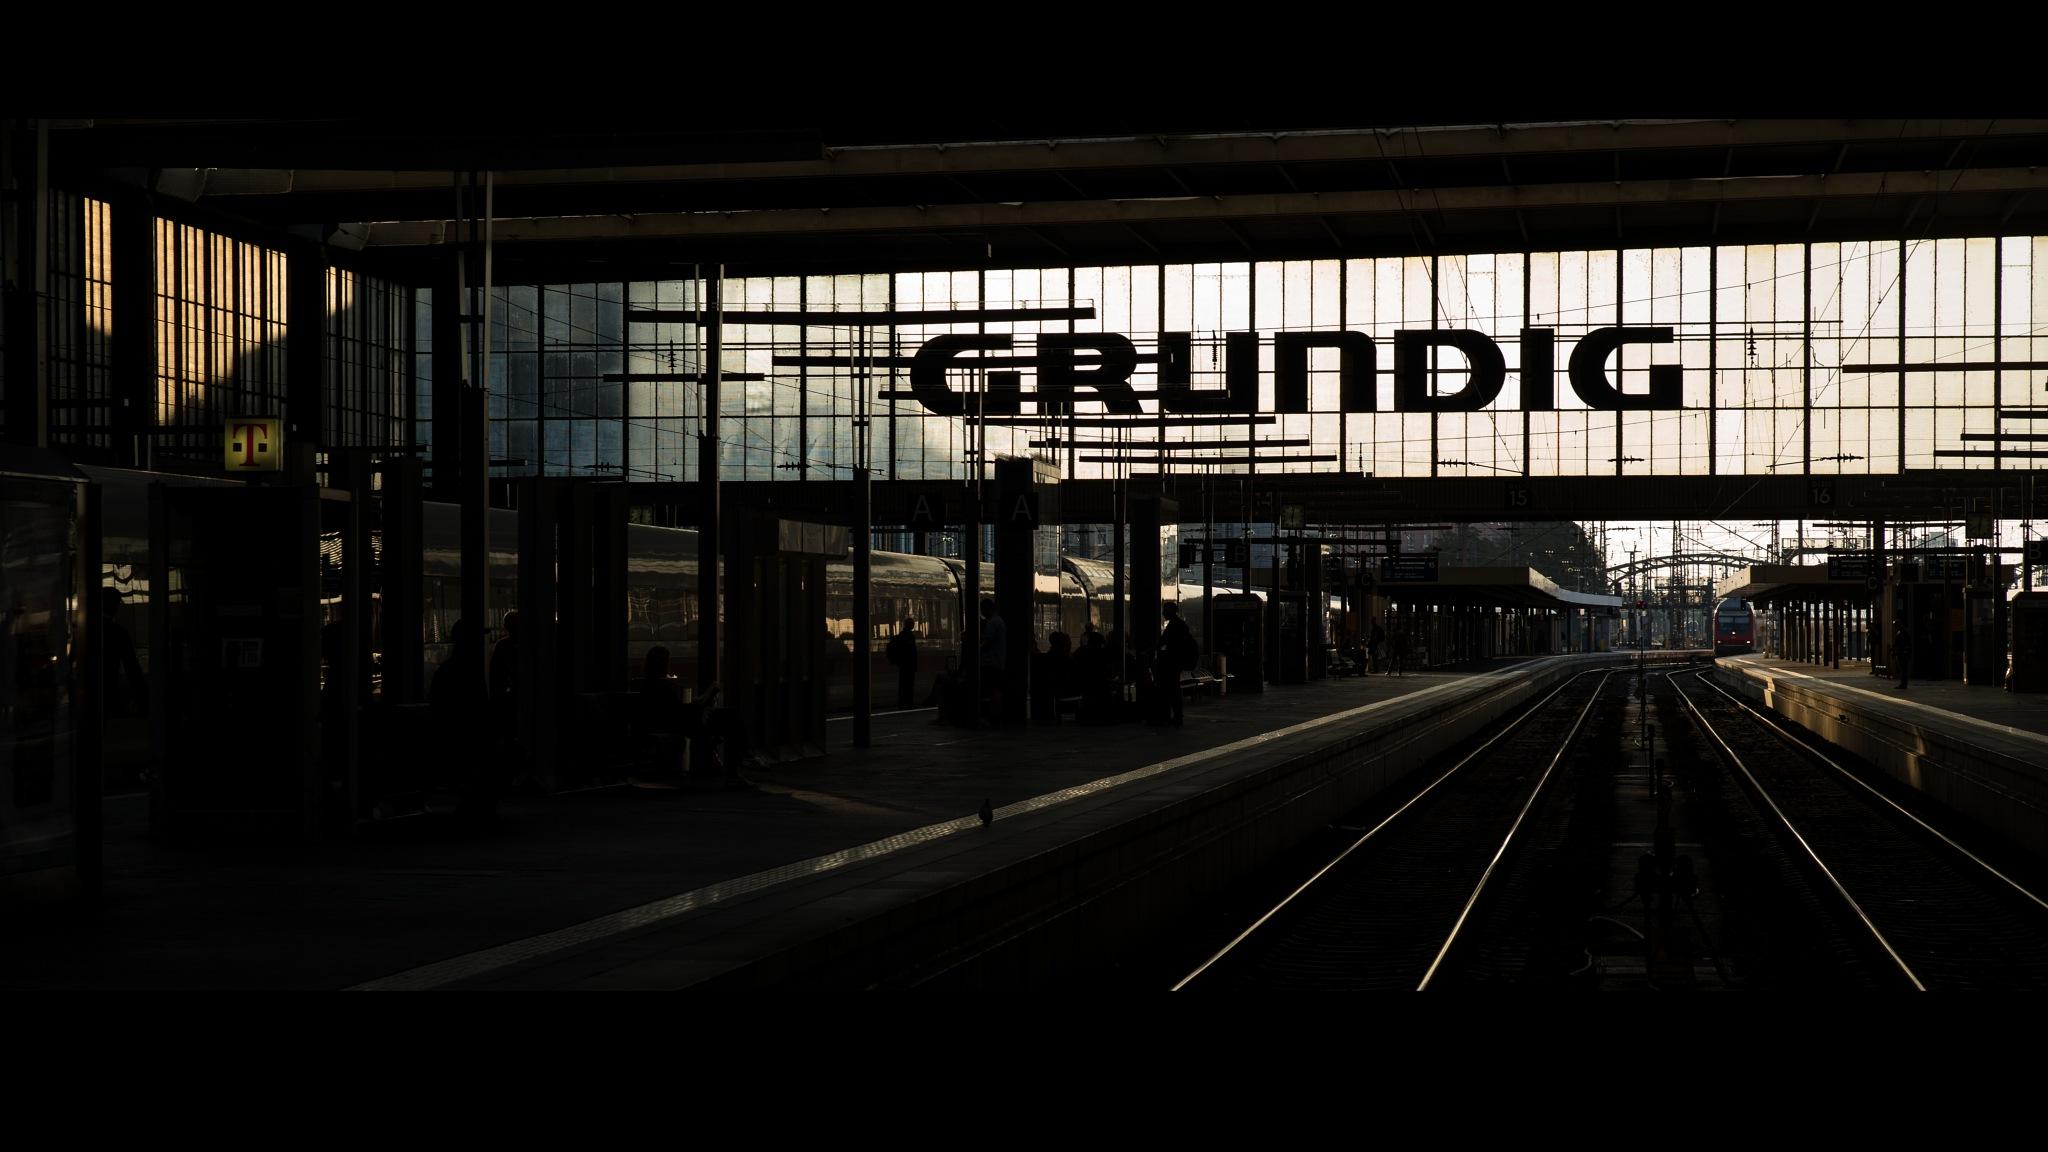 münchen hauptbahnhof by Ulrich Gerndt